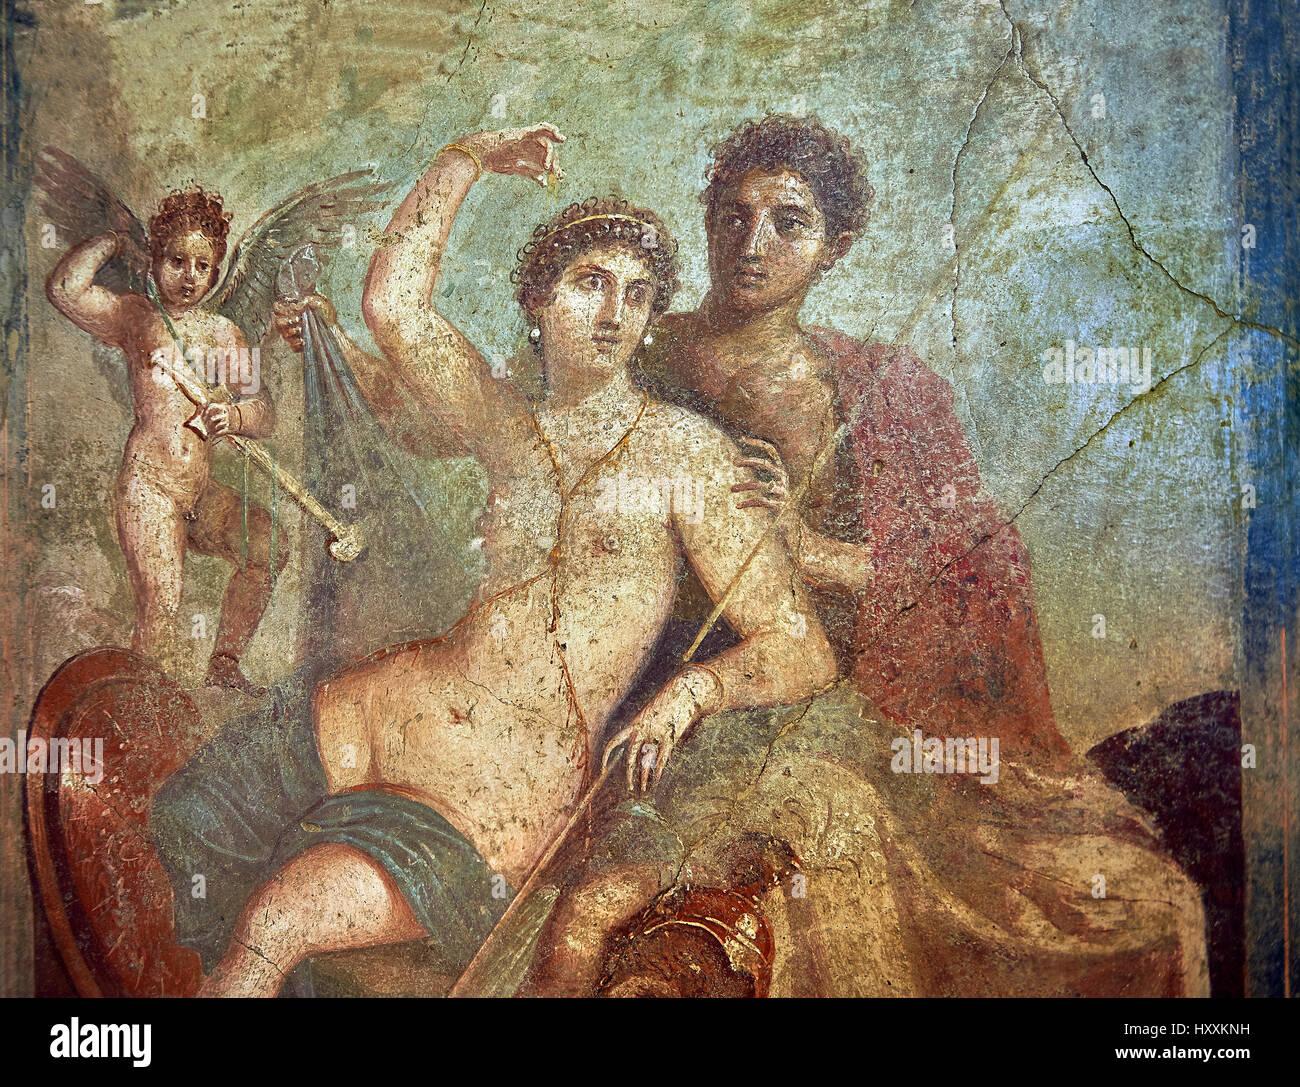 Peinture Murale Fresque Romaine De La Divine Vénus Et Mars